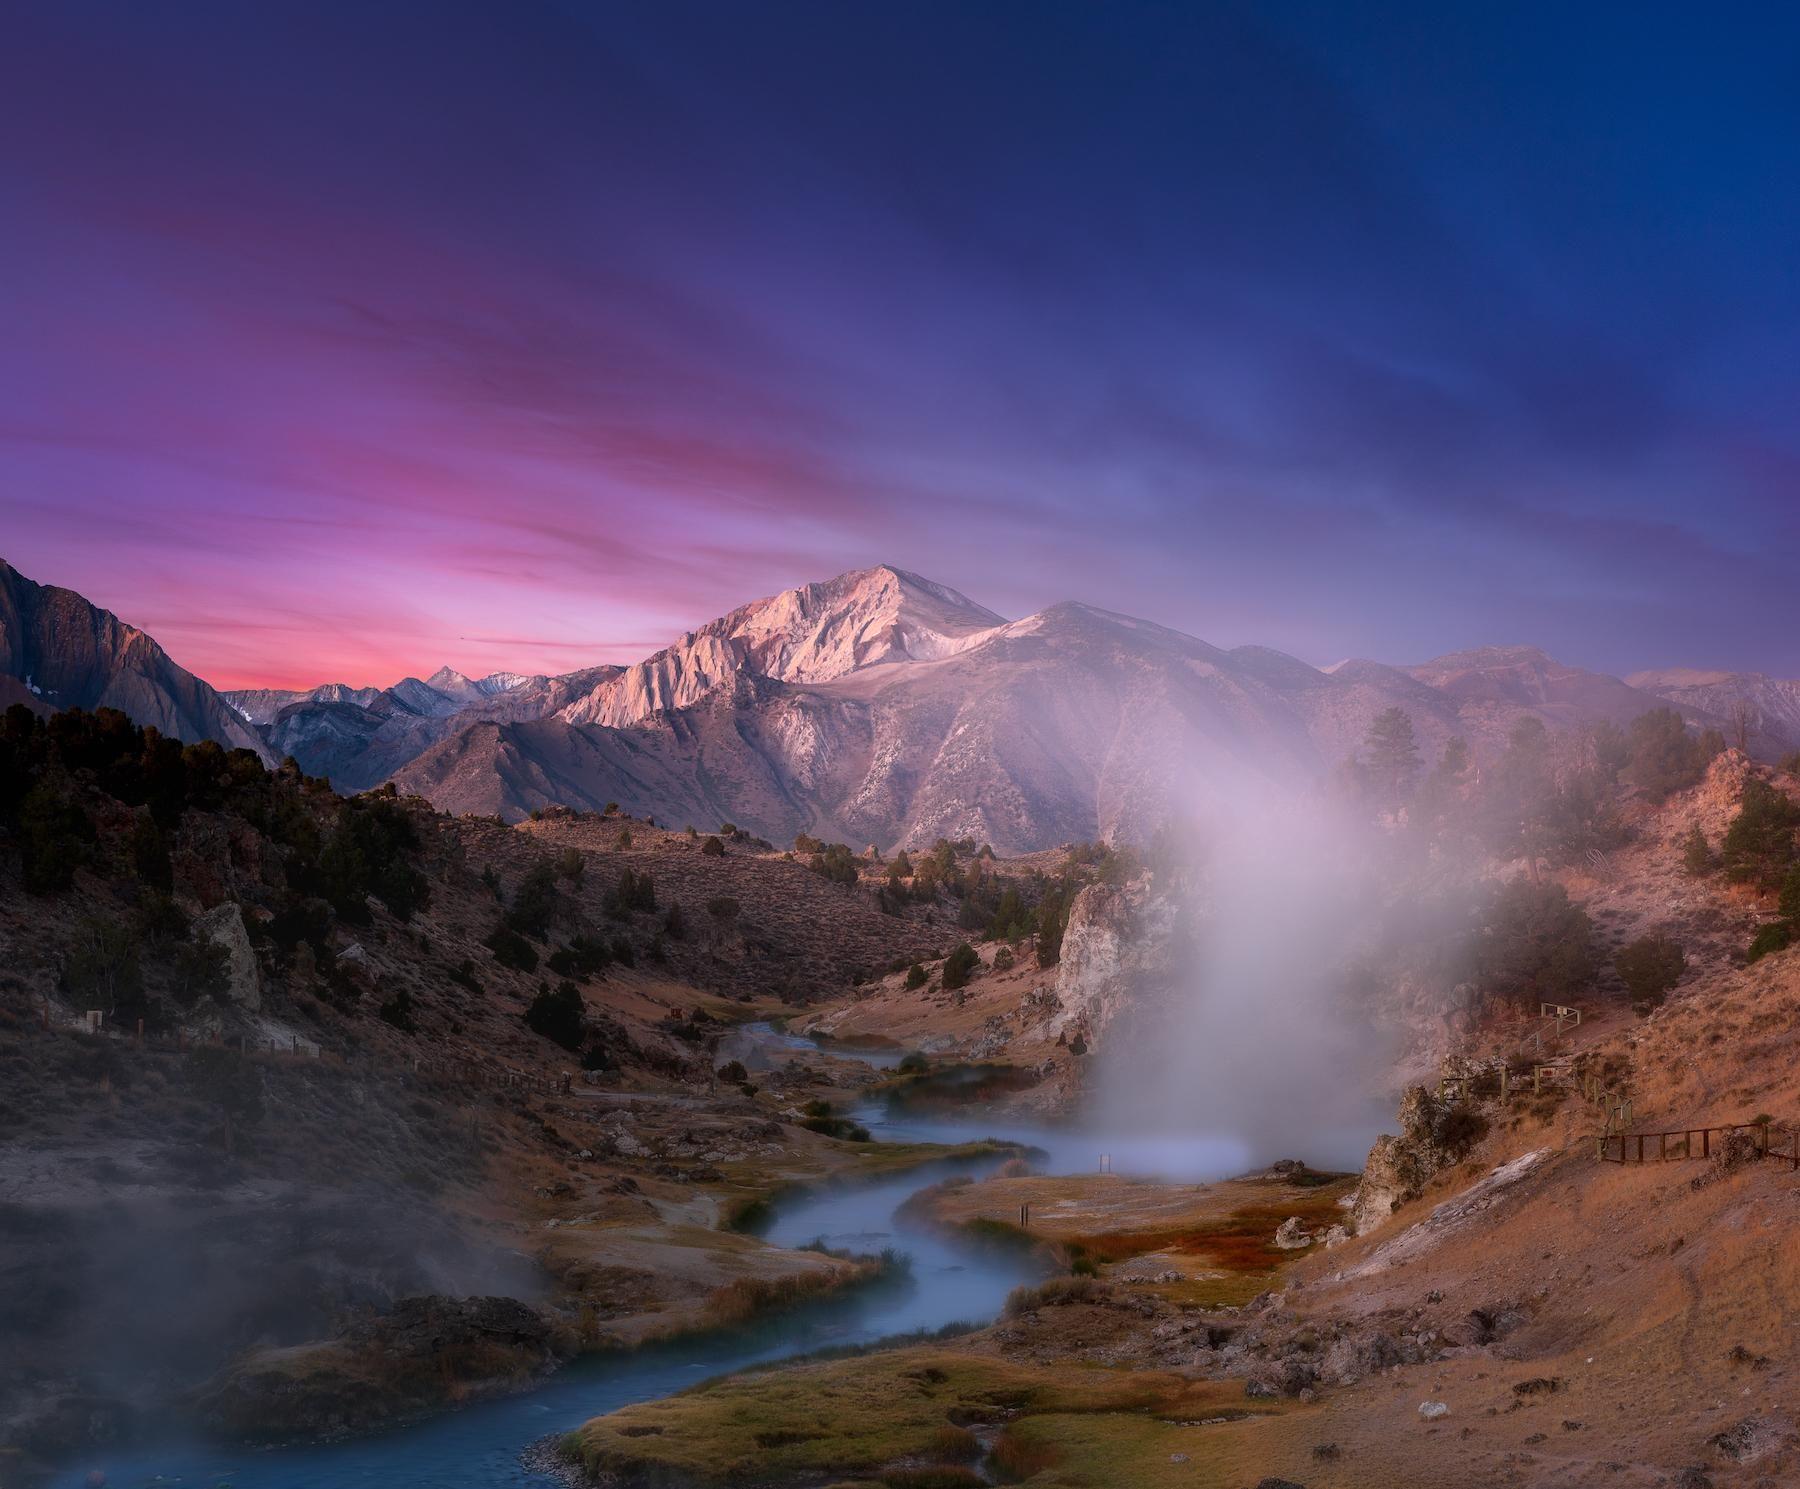 Hot springs in eastern sierra before sunrise 1800x1500